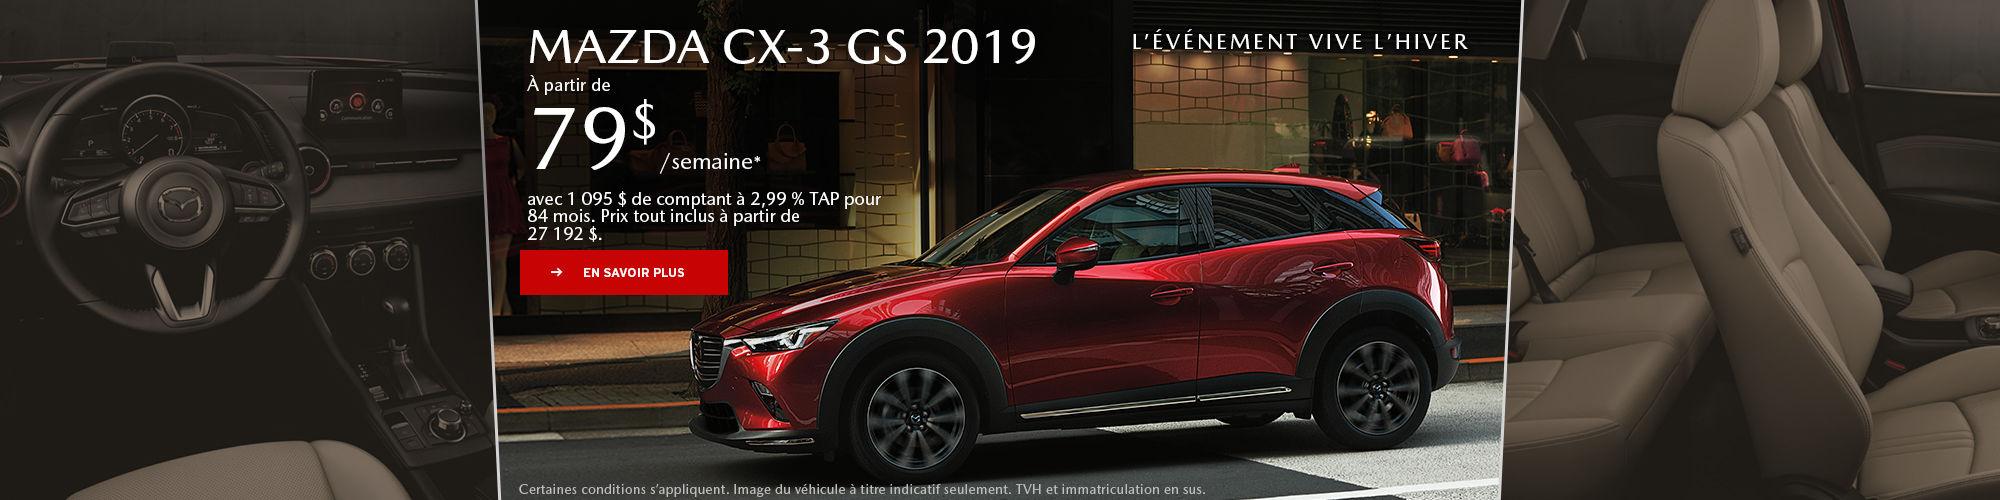 CX-3 2019 - header